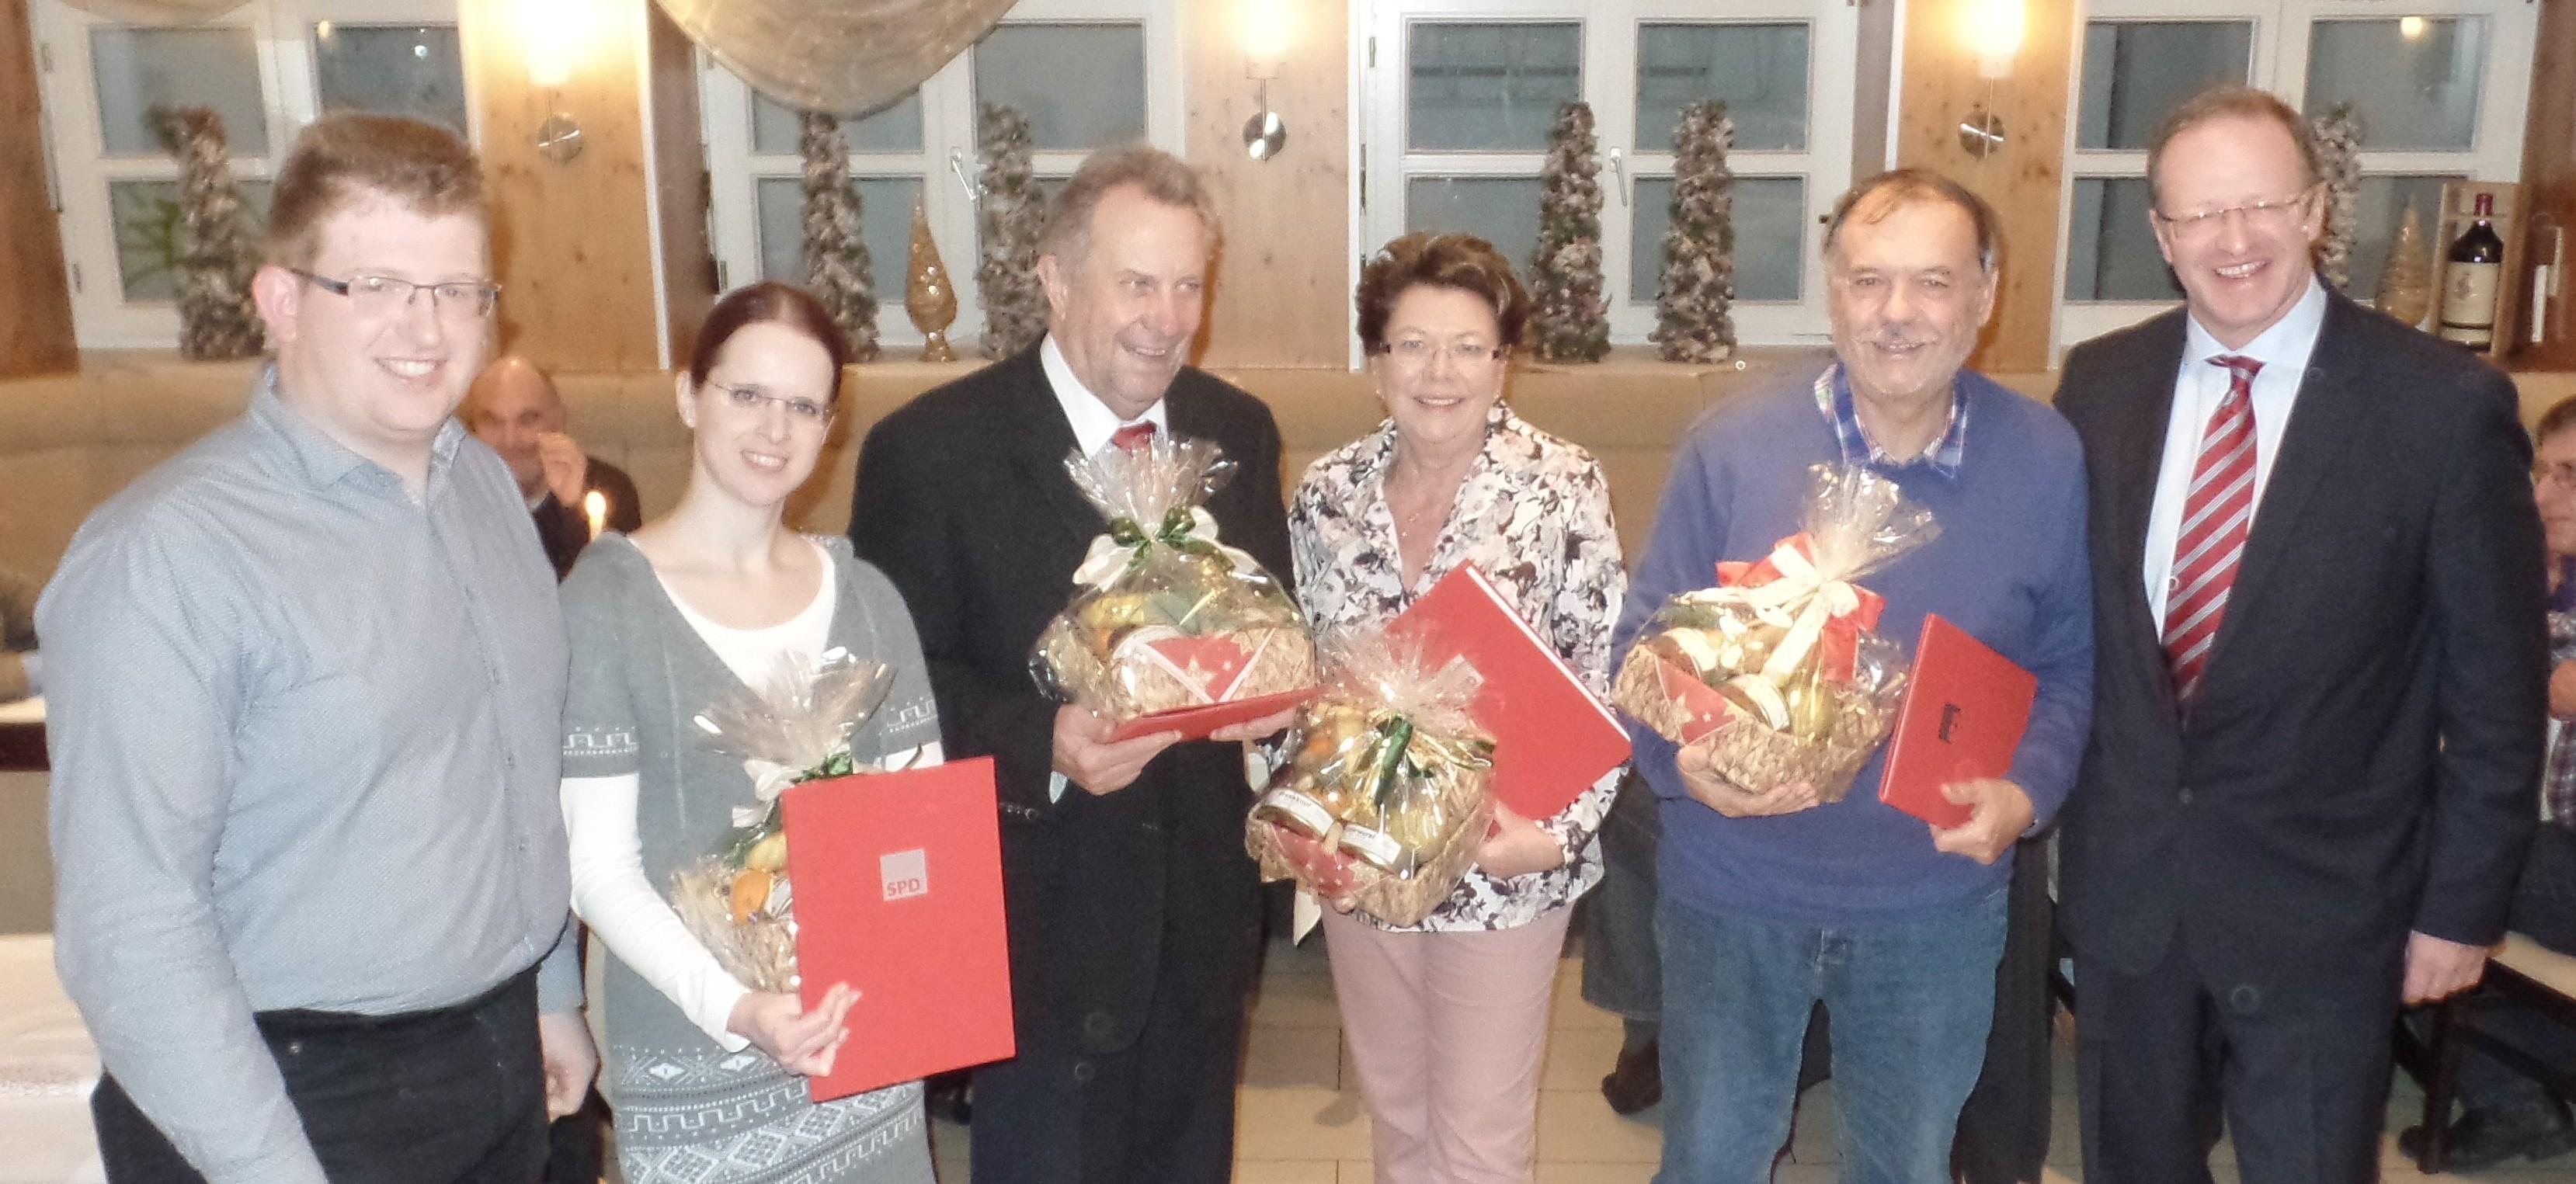 von rechts: Peter Sulzmann, Peter Hackradt, Heide Wolf, Manfred Kreis, Nicole Fuchs, Michael Gerheim